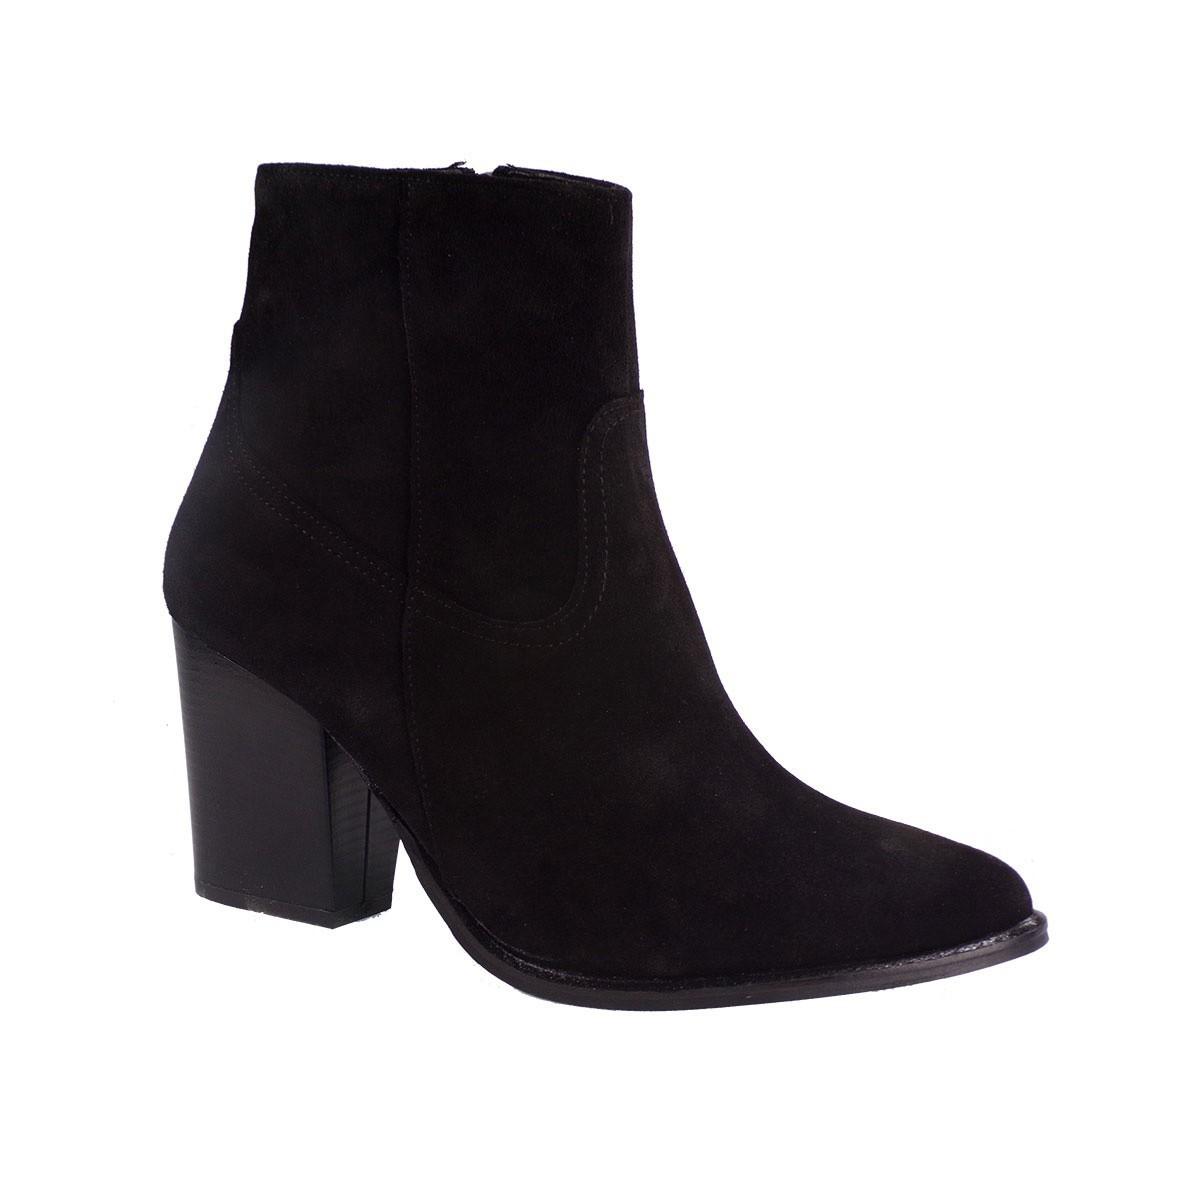 Moods Shoes Γυναικεία Μποτάκια 4010 Μαύρο Καστόρι Δέρμα